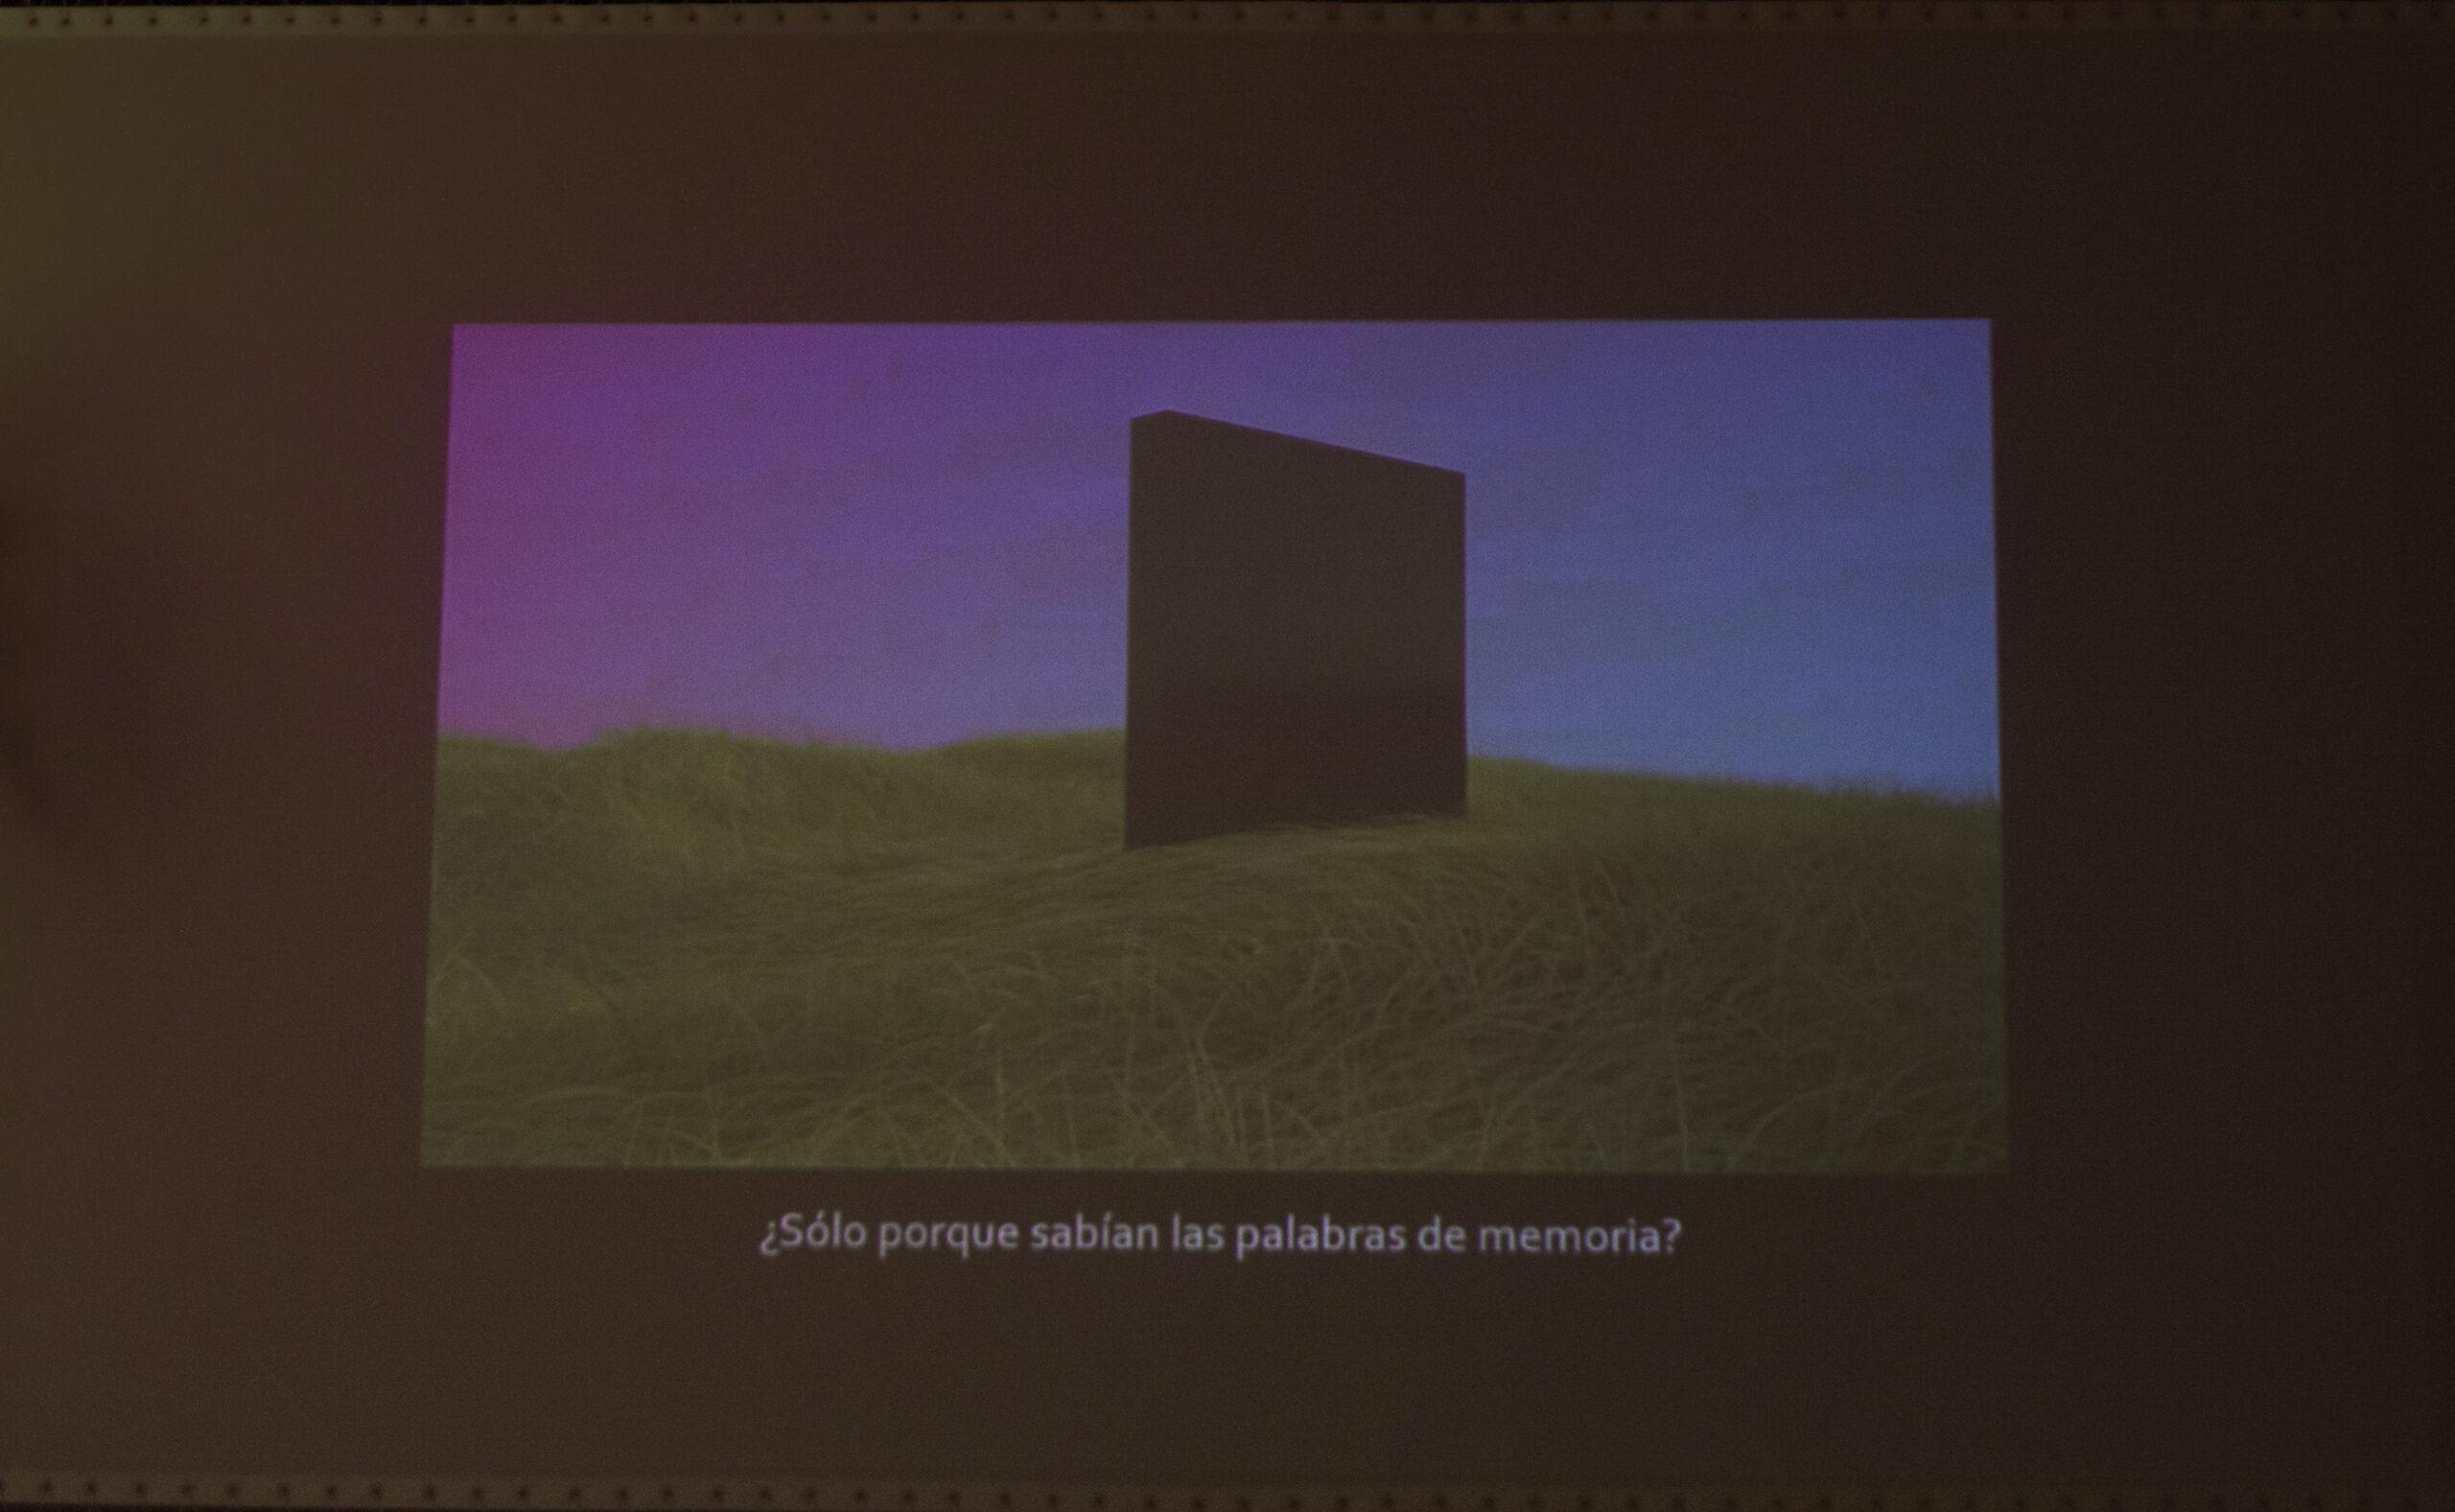 PROYECTOR2020_salaequis_15.09_2020_Presentación_Luis_Cemillán_ (16)